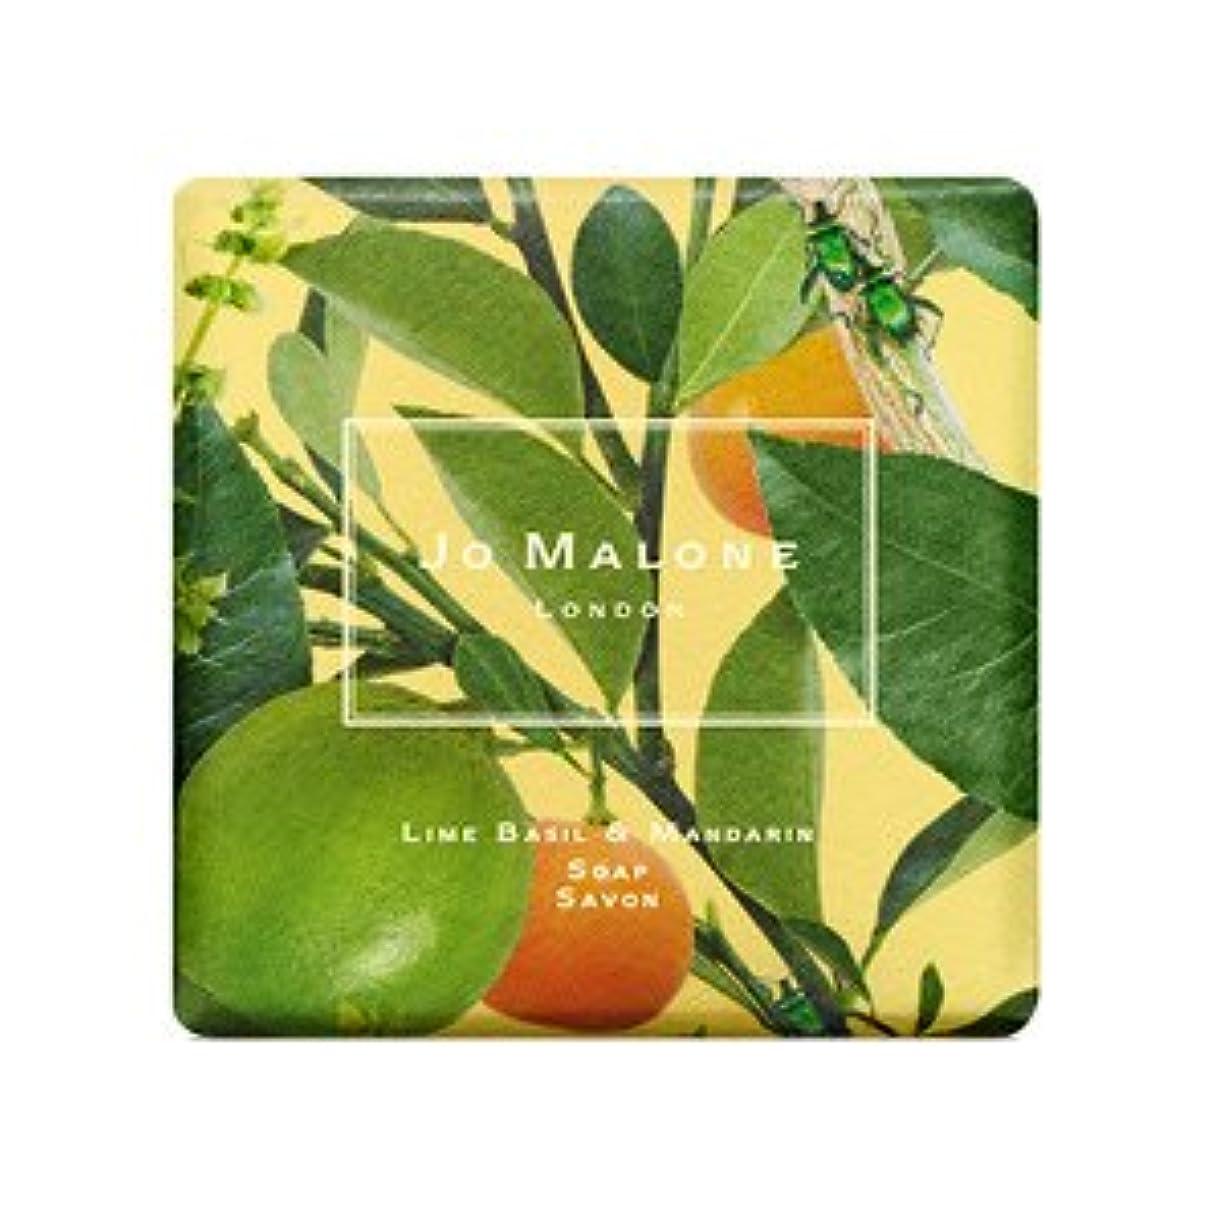 広告主遺伝的計算可能JO MALONE LONDON (ジョー マローン ロンドン) ライム バジル & マンダリン ソープ